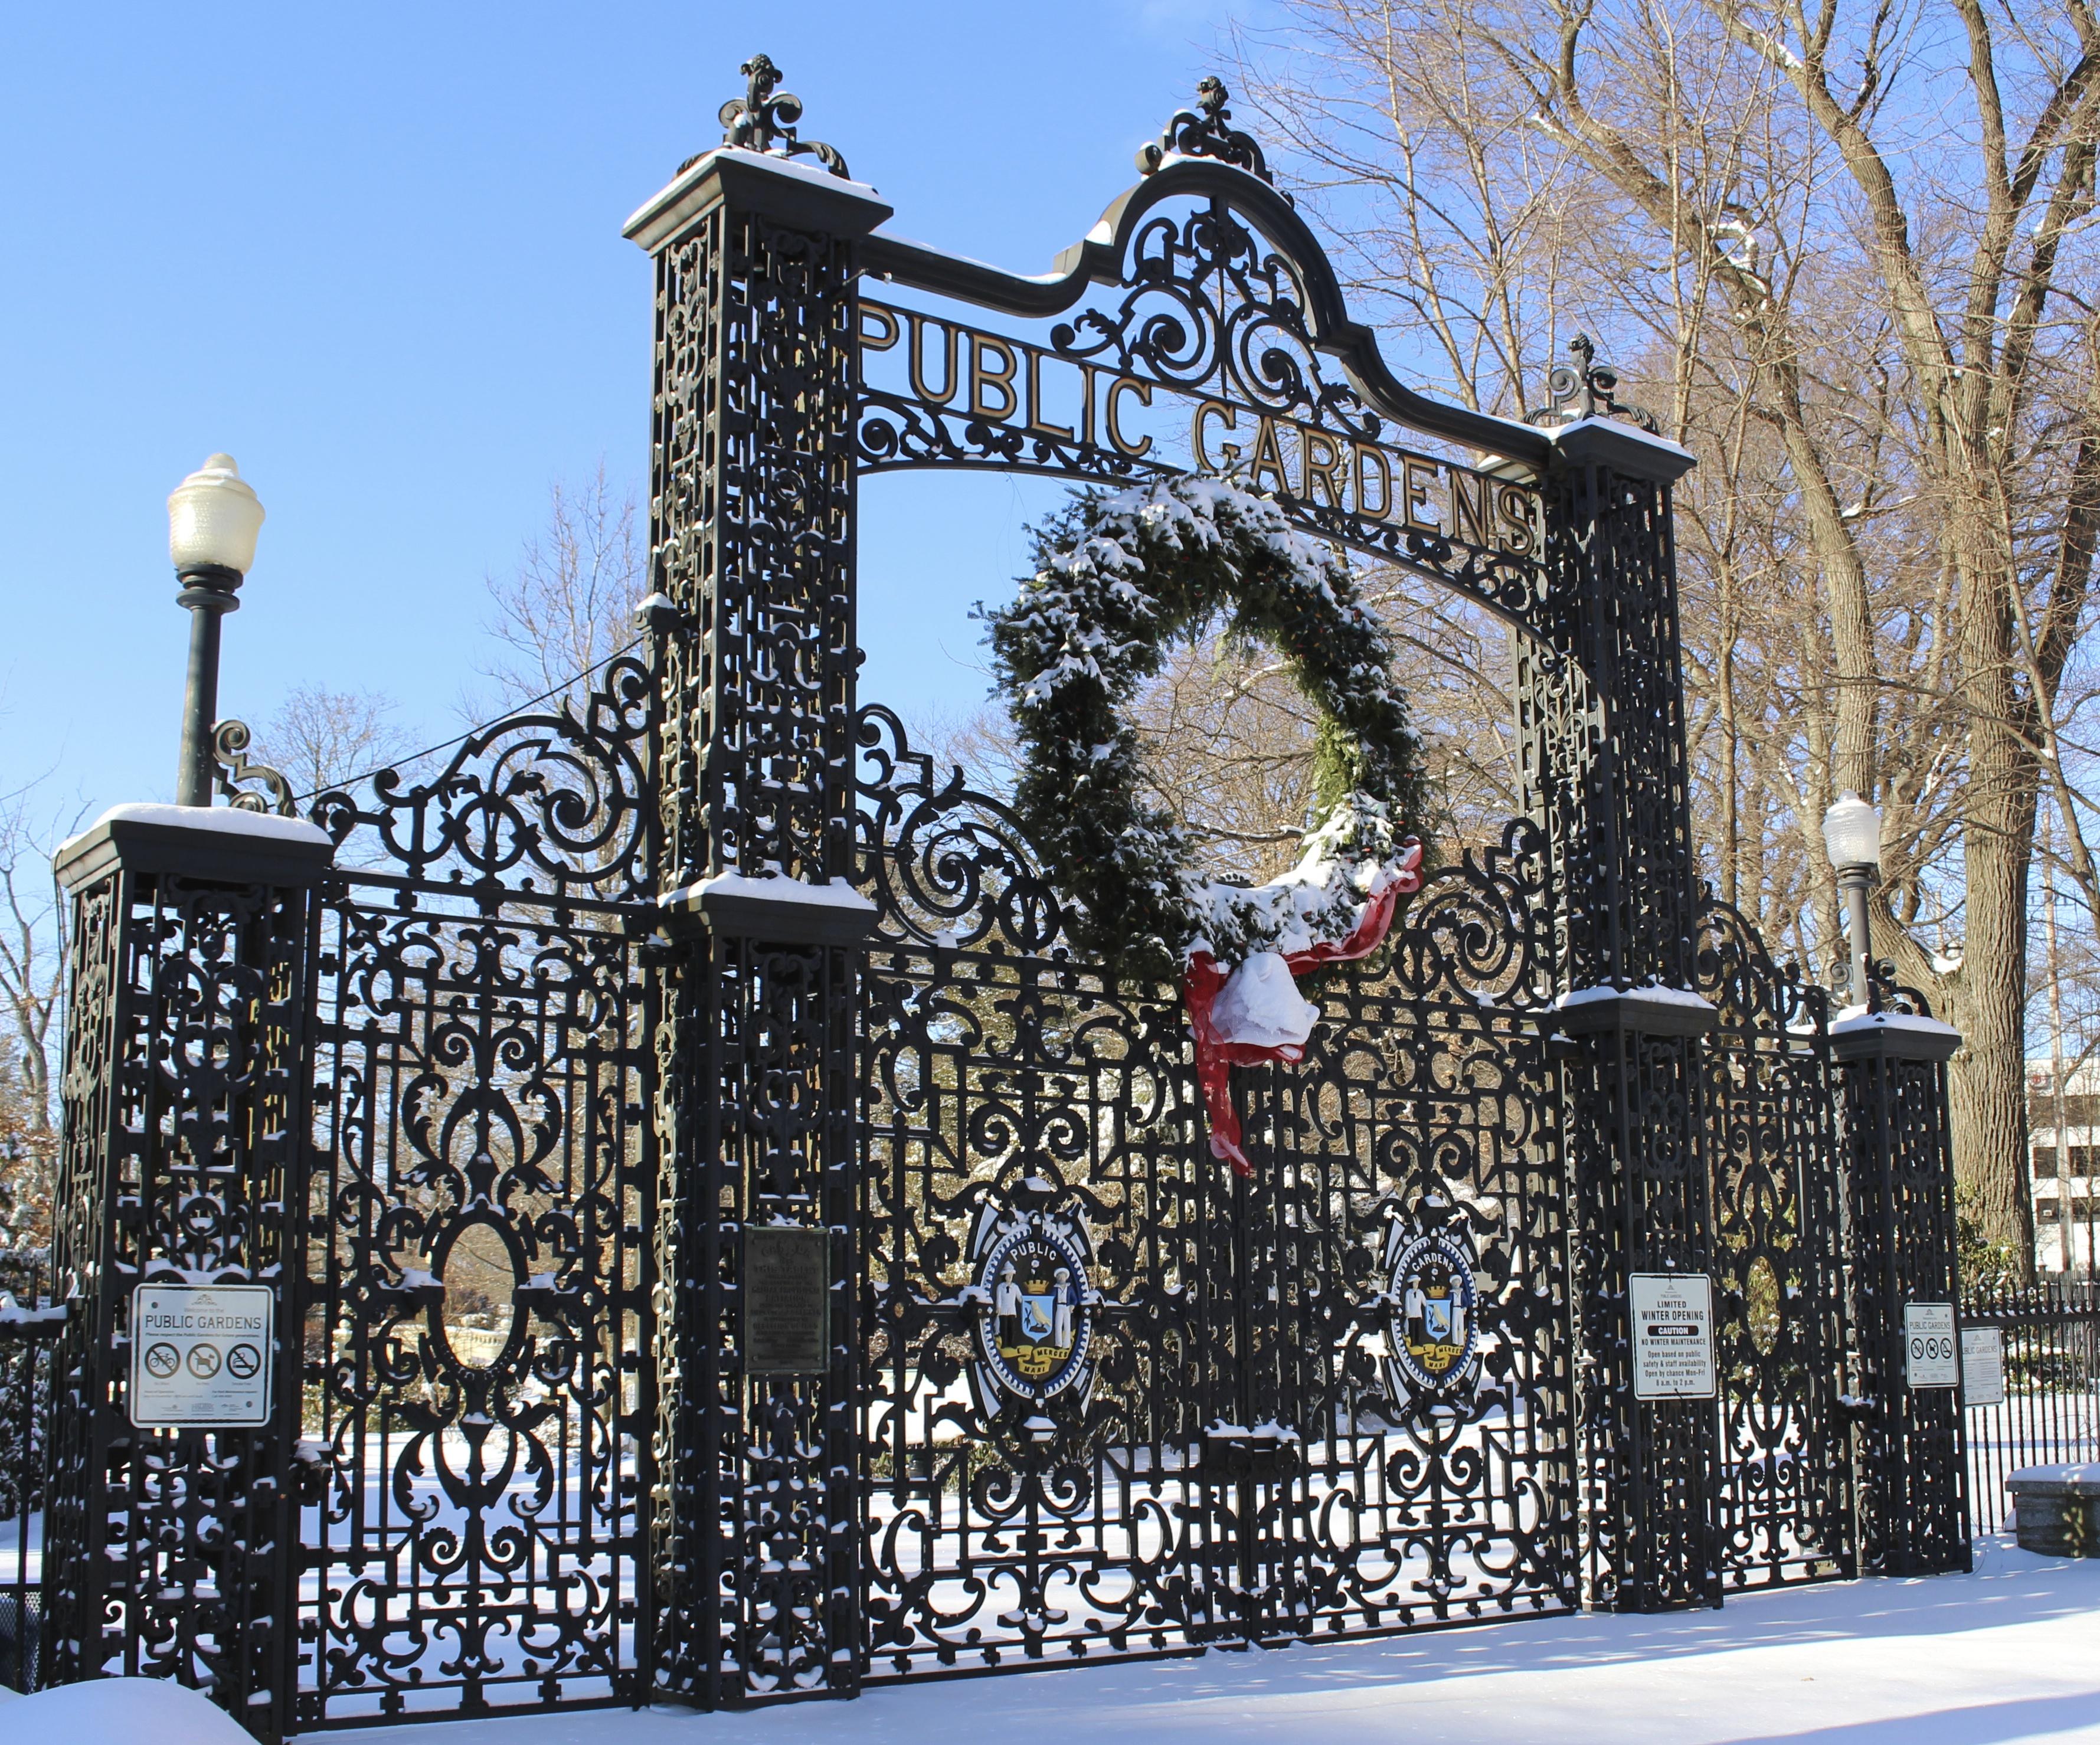 Halifax Public Gardens – Beyond the gardens path…